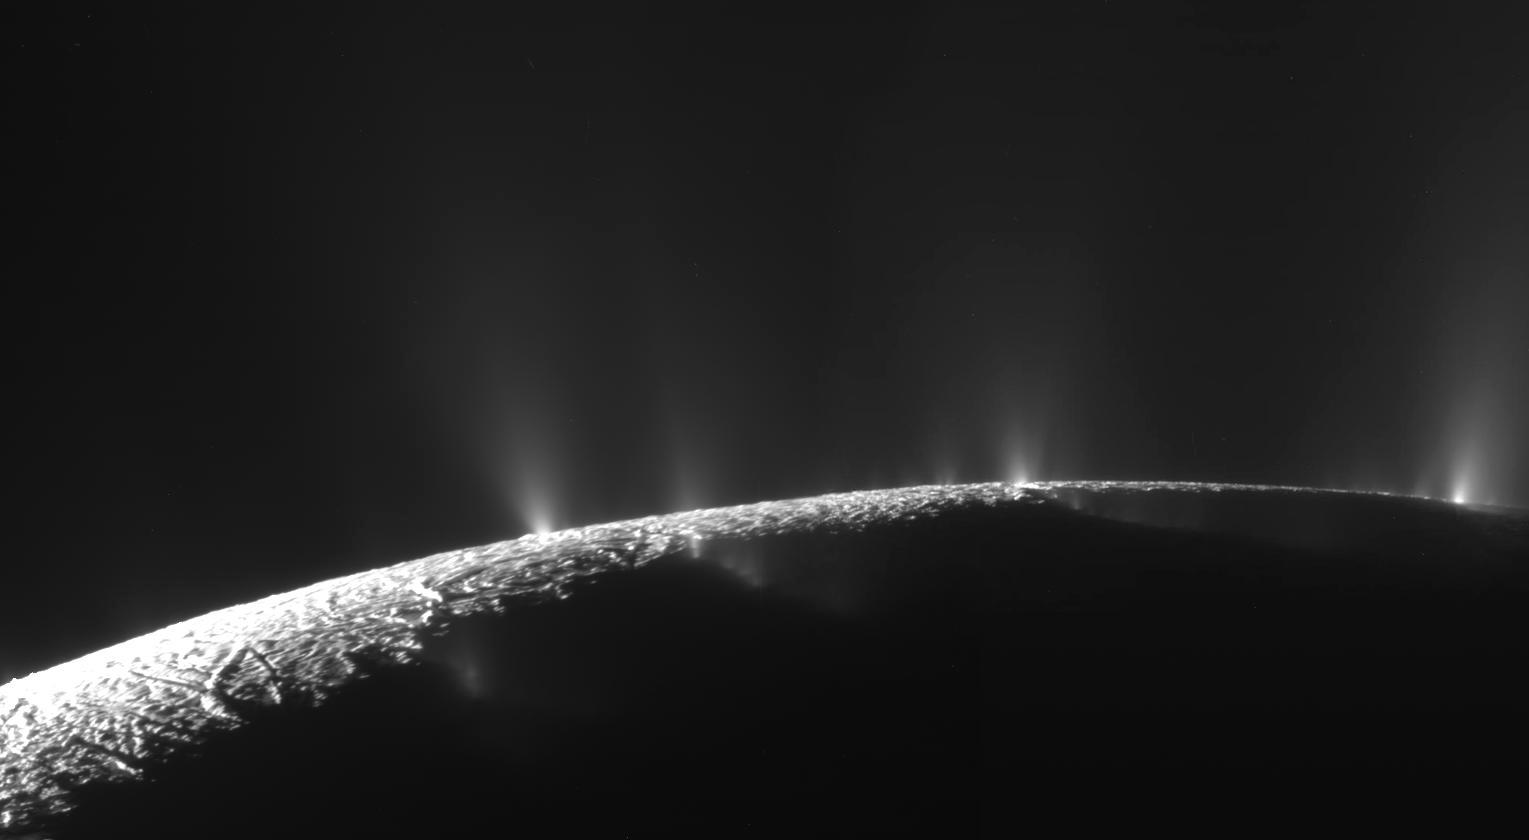 ¿Viajarian a Marte para no volver? Enceladus12_cassini_big